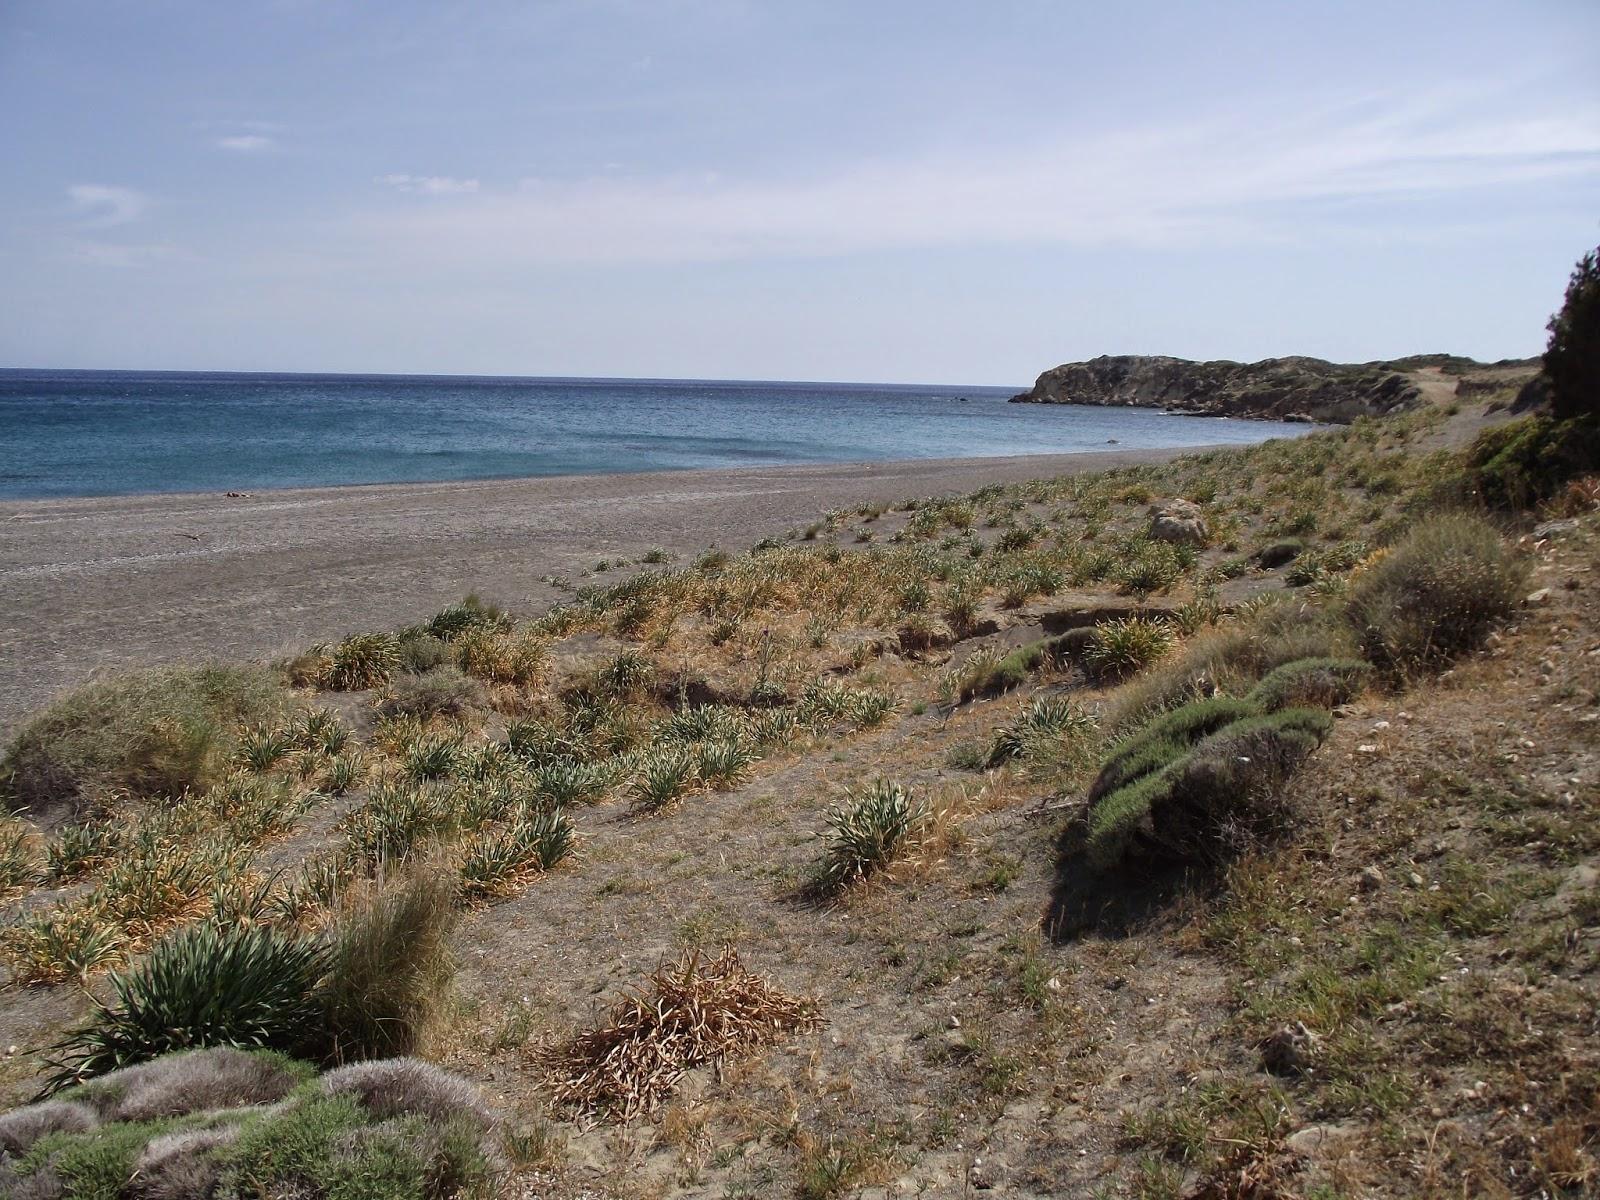 080514+Long+Beach+Dunes+015.JPG